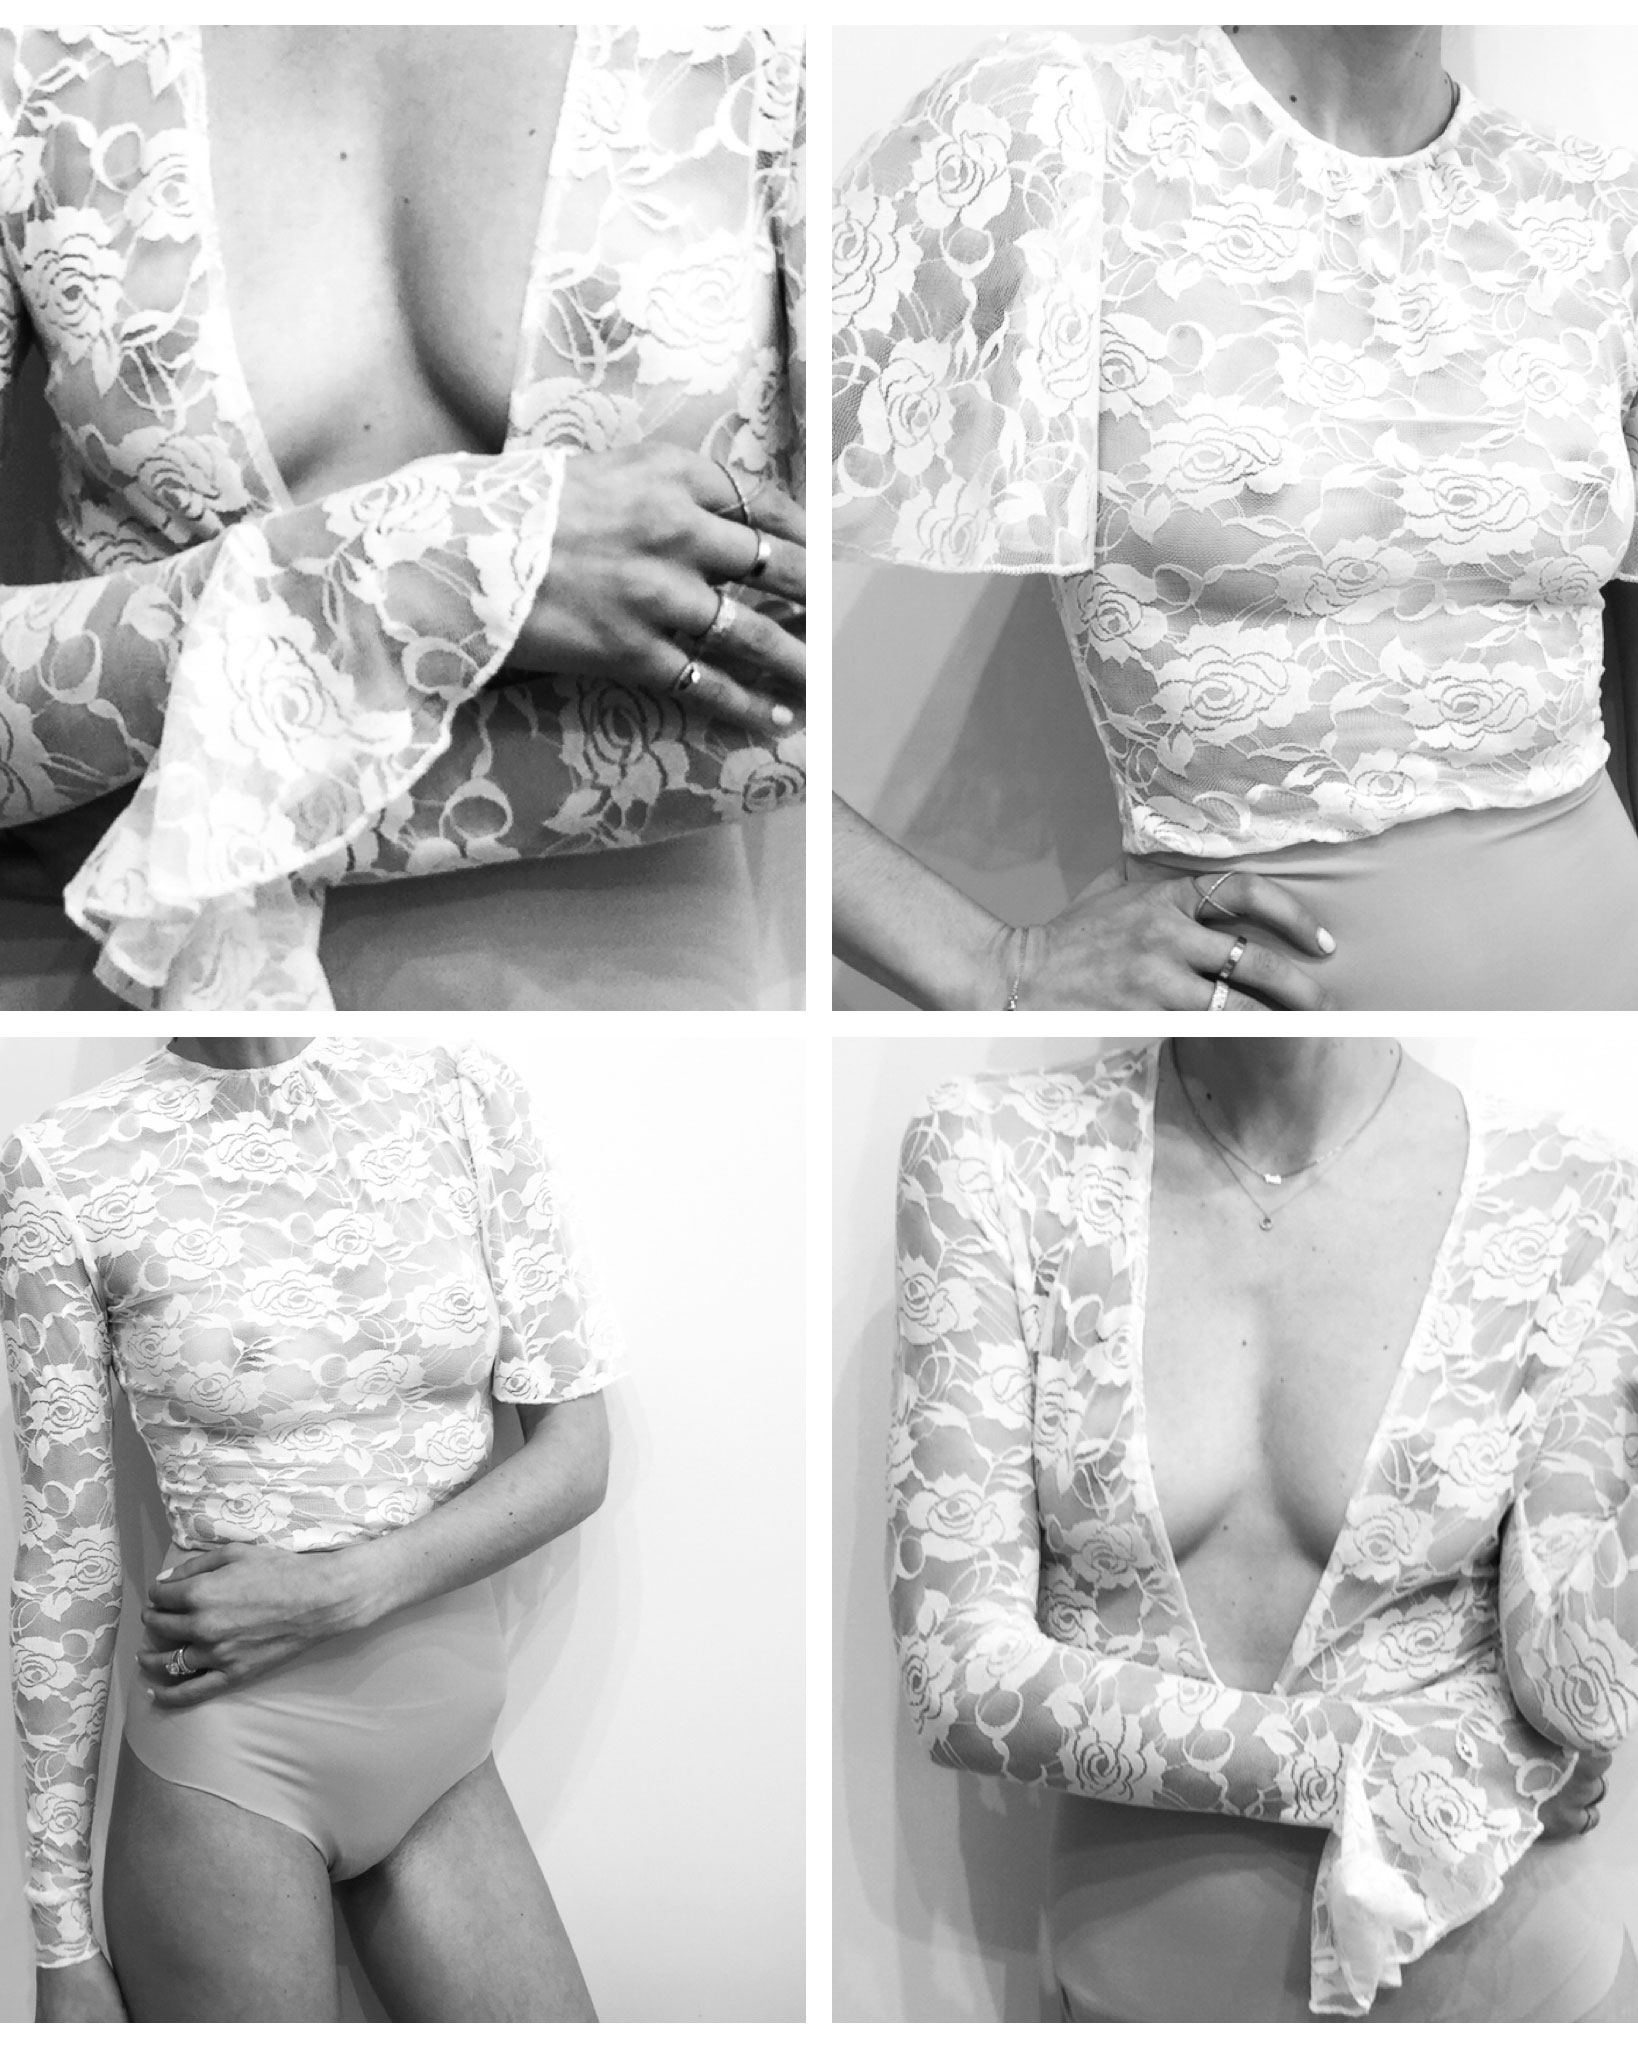 houghton-bridal-bodysuit-ss17-0416.jpg